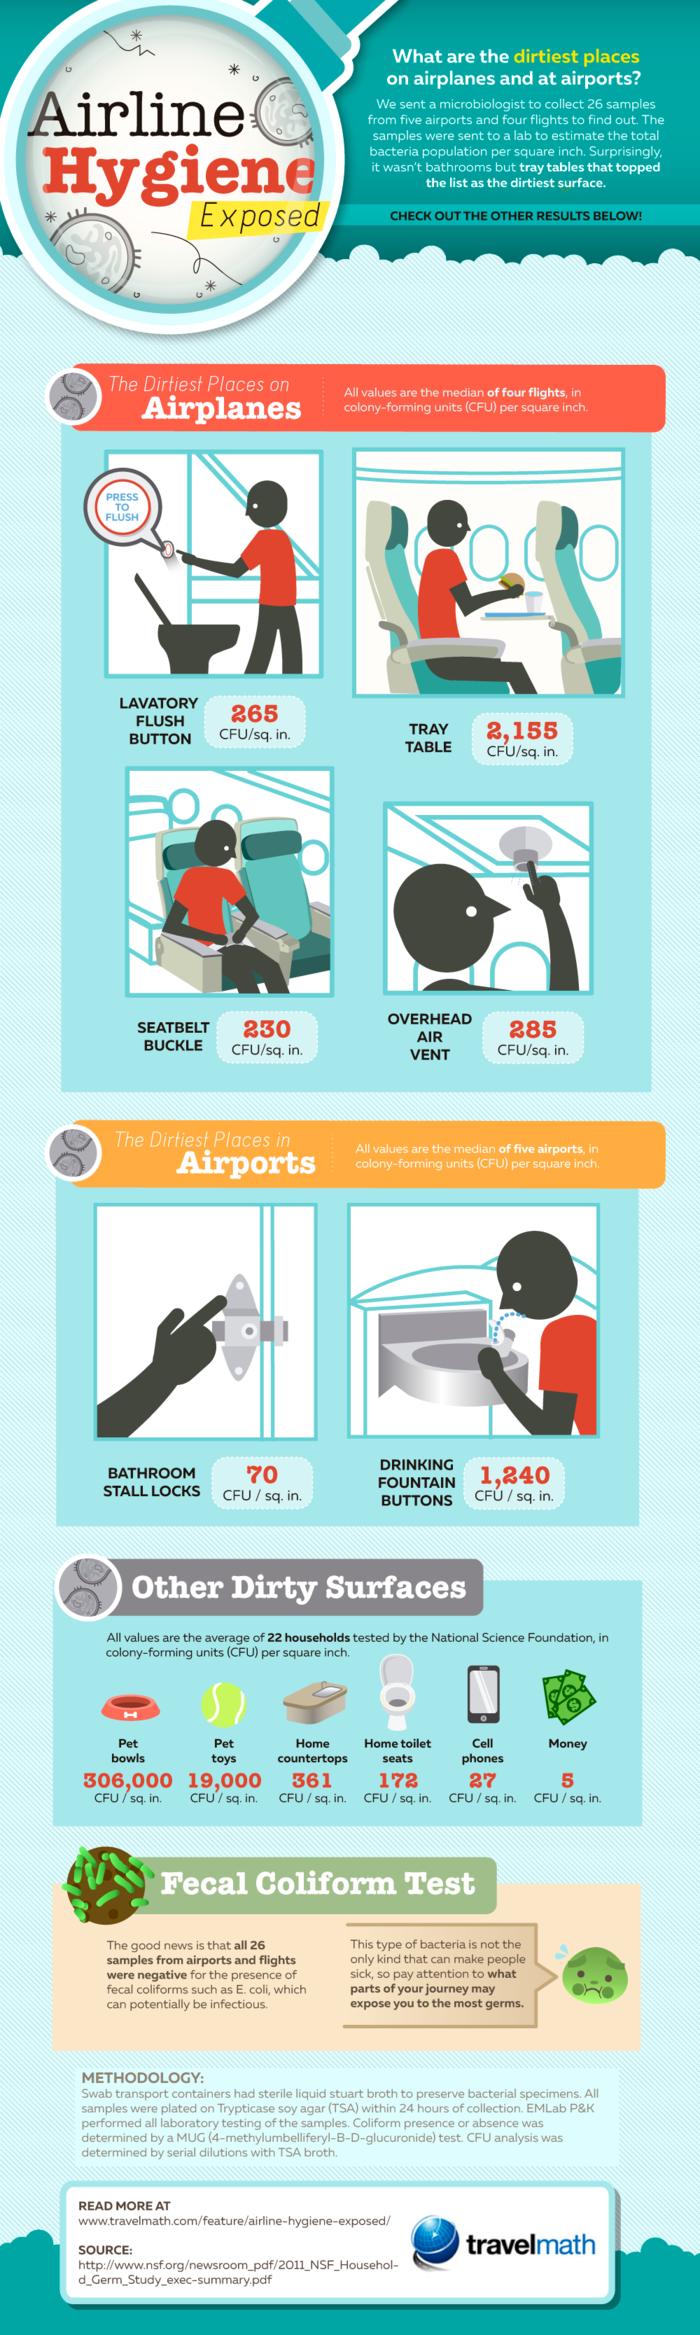 Το πιο βρώμικο μέρος σε ένα αεροπλάνο είναι... (όχι η τουαλέτα) - εικόνα 2